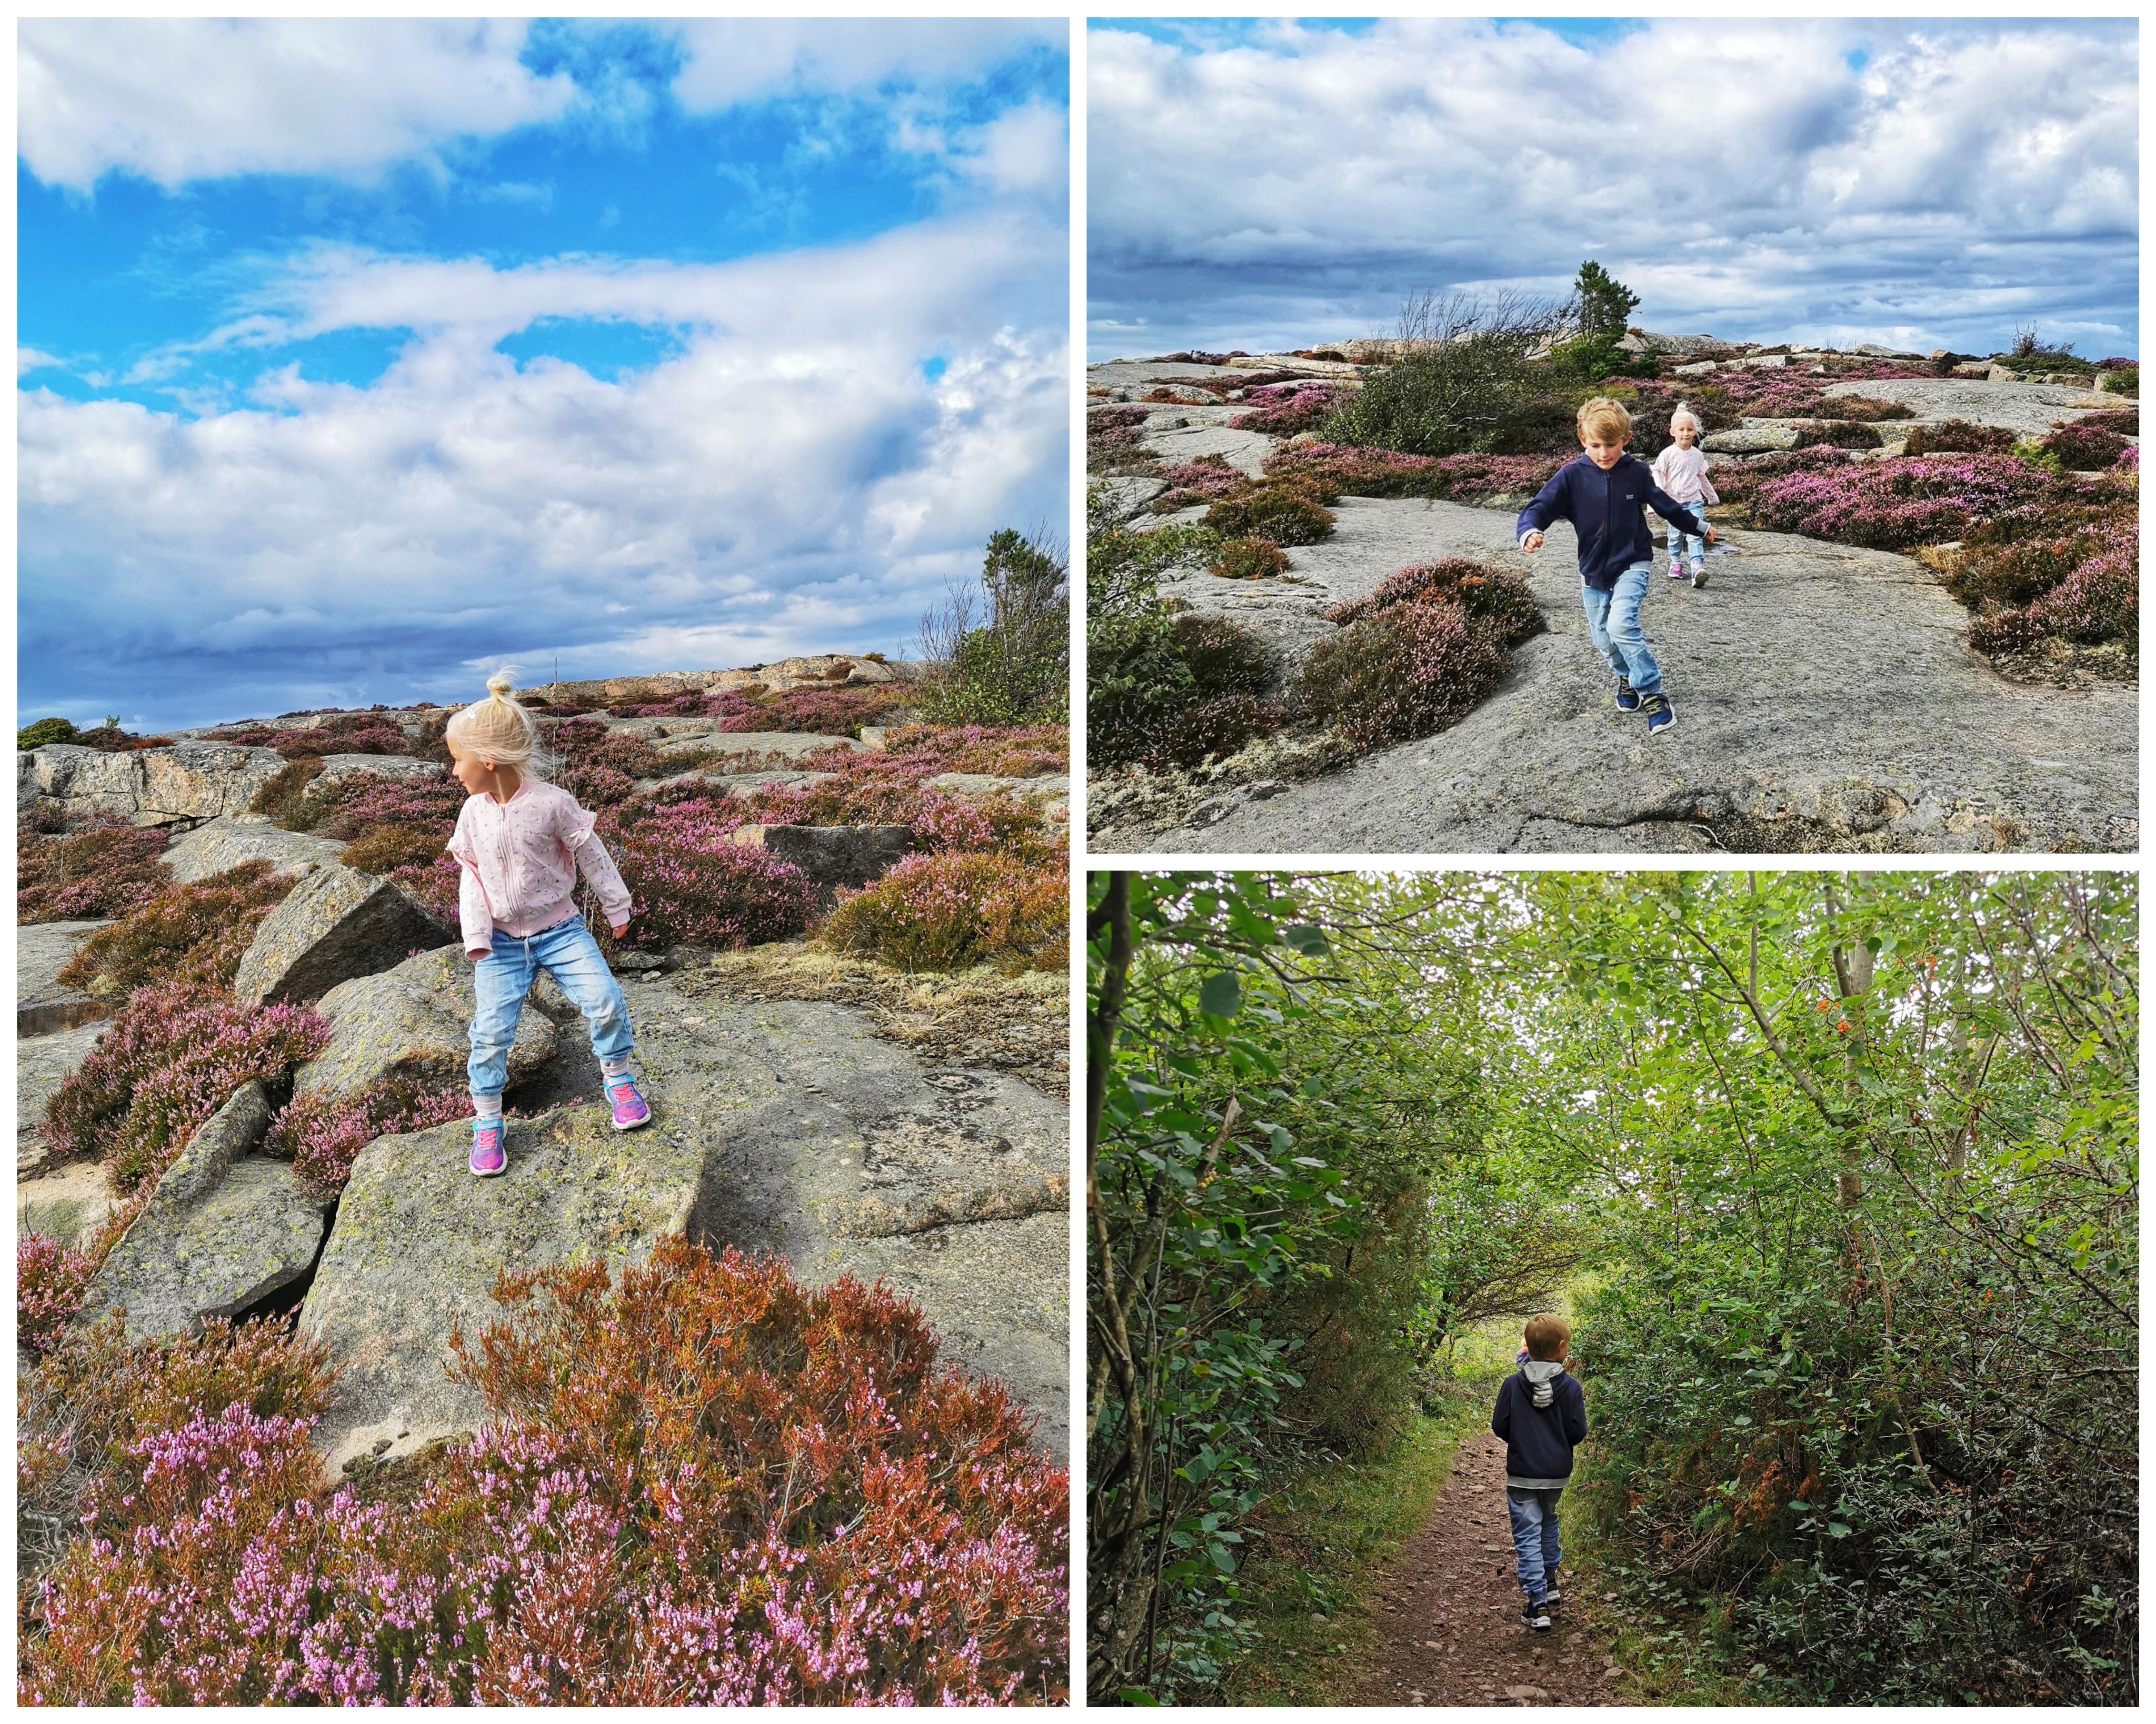 Barn klippor västkusten ramsvikslandet